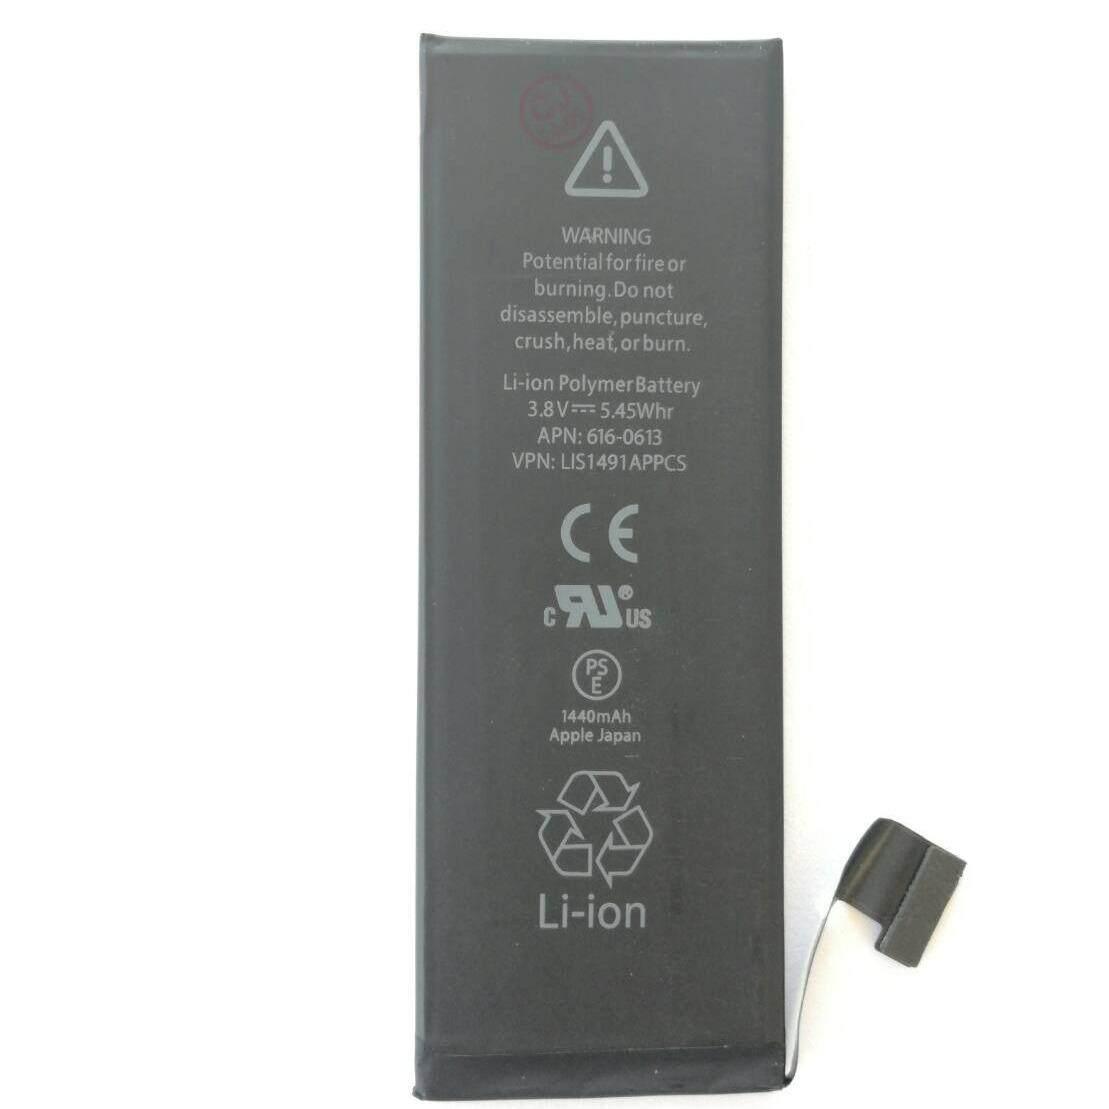 ซื้อ Iphone แบตเตอรี่มือถือ Iphone 5C Unbranded Generic ถูก